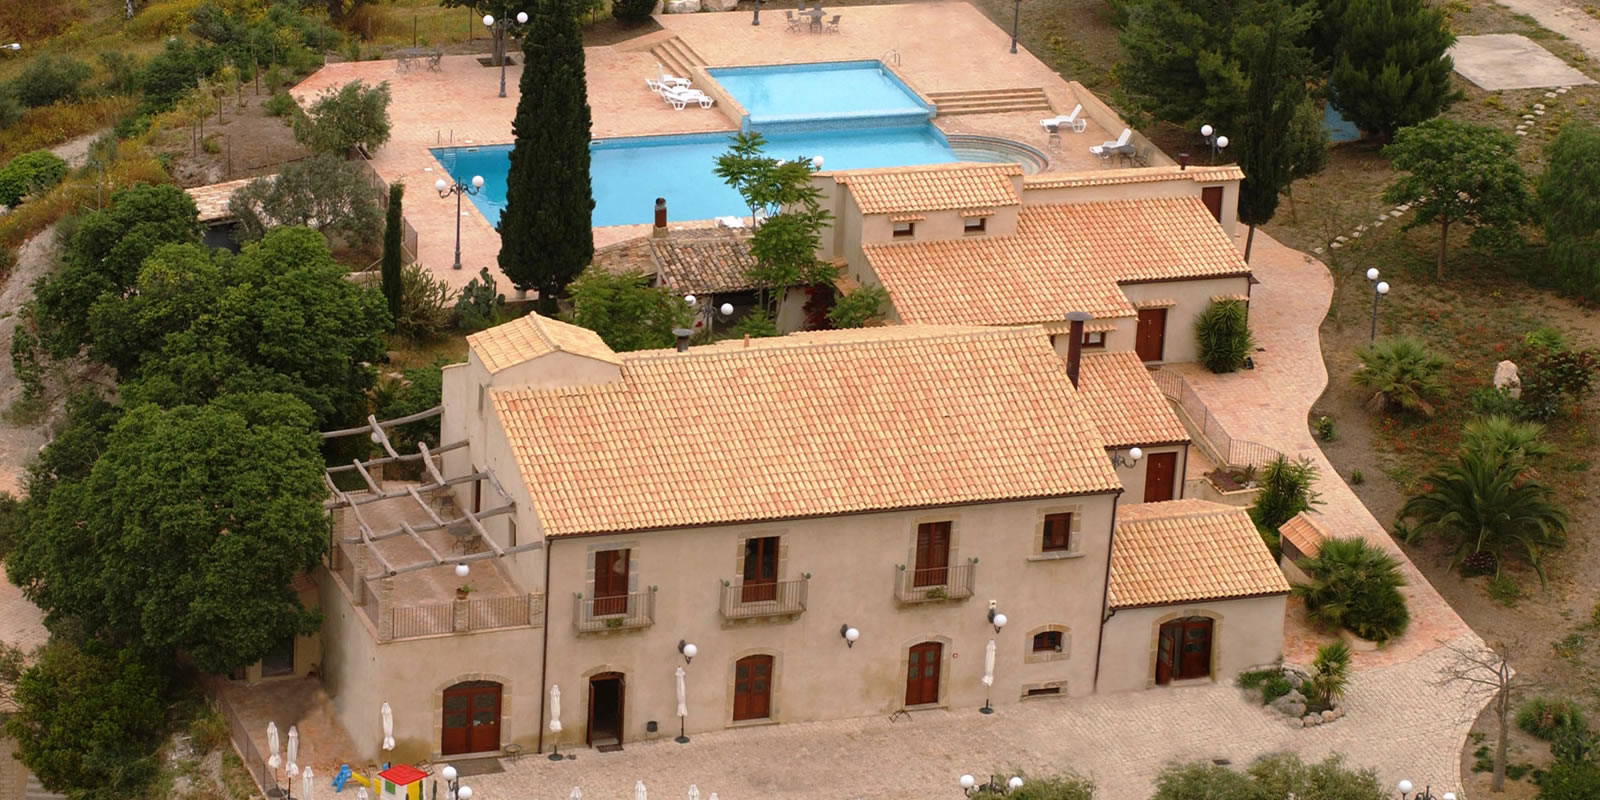 Camere Hotel Caltagirone